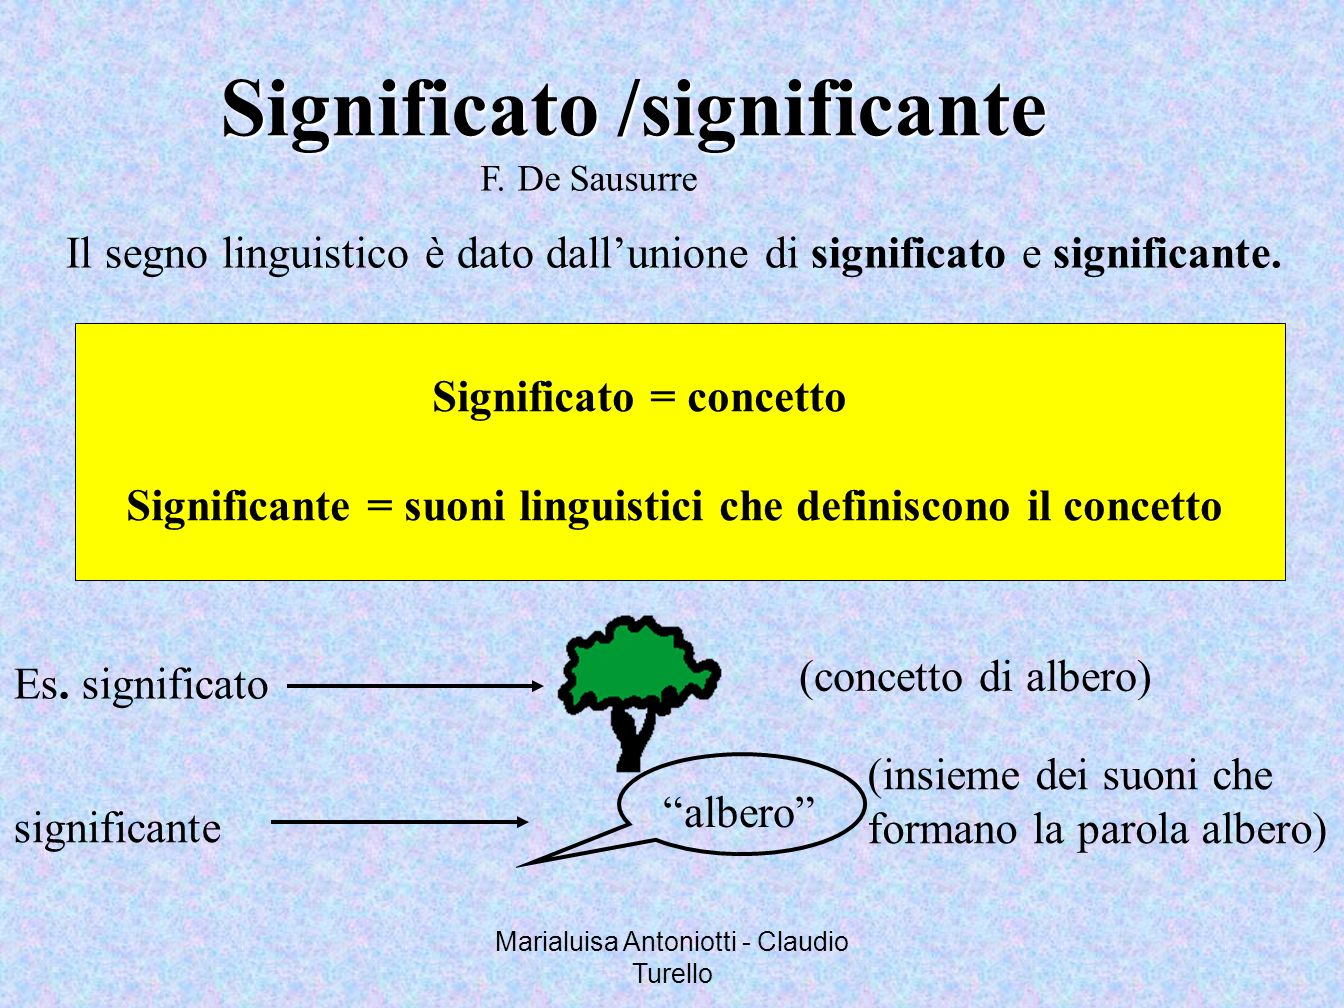 Marialuisa Antoniotti - Claudio Turello Significato /significante F. De Sausurre Il segno linguistico è dato dallunione di significato e significante.